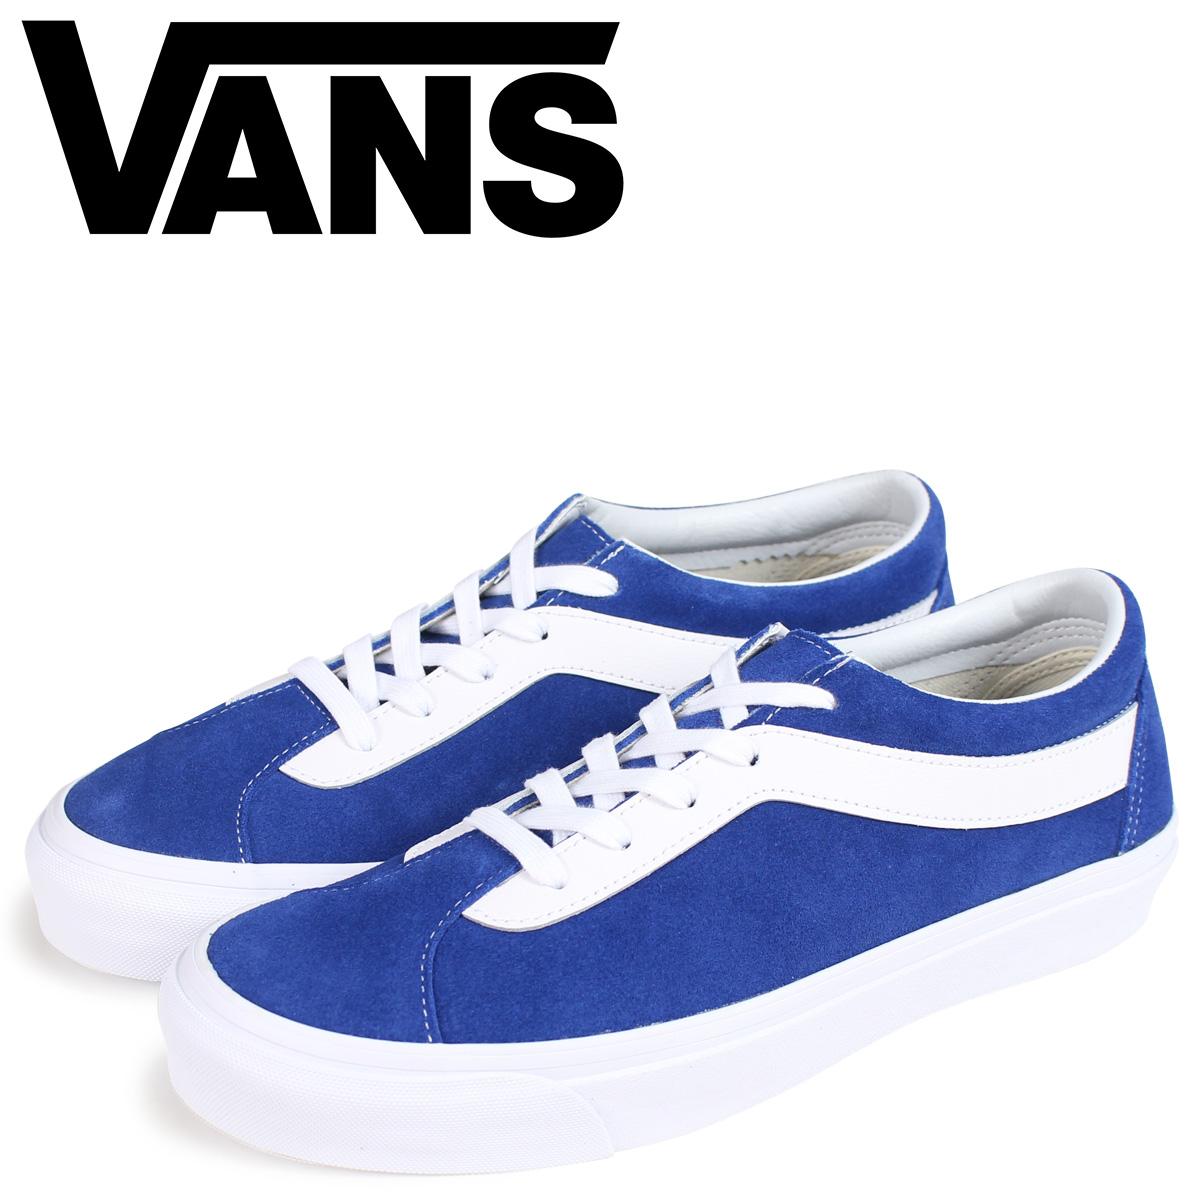 バンズ ボールドニー スニーカー メンズ VANS ヴァンズ BOLD NI VN0A3WLPULD ブルー